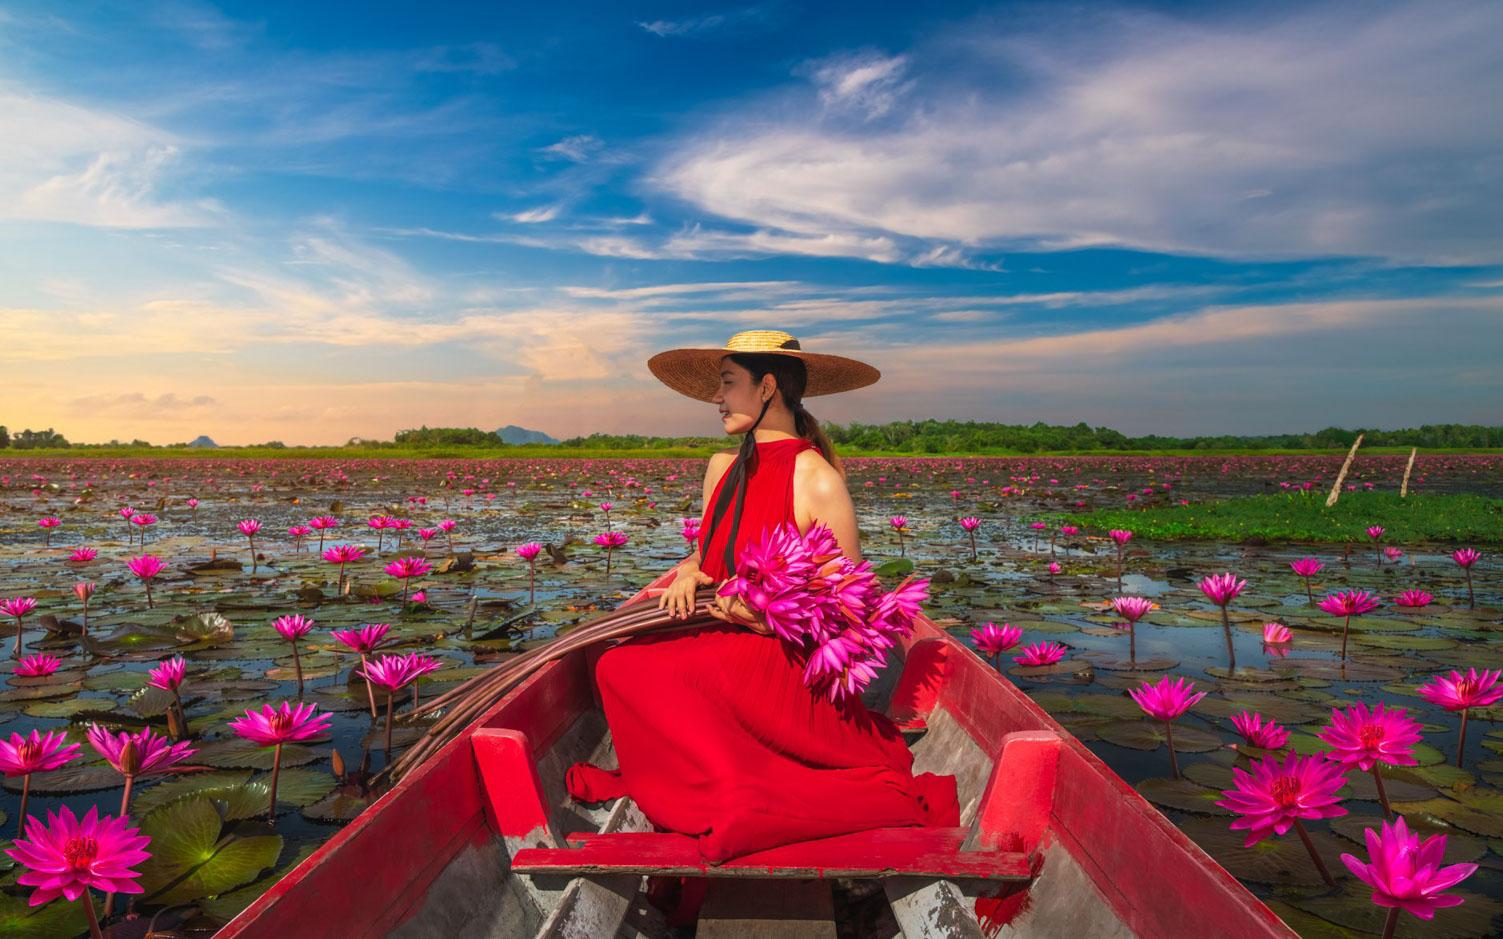 1.-ทะเลน้อย-ทะเลสาบน้ำจืด-ที่เต็มไปด้วยความสวยงามของธรรมชาติ-นั่งเรือชมความงามของดอกบัว-นกนานาชนิด-และควายน้ำ-สวยจริงๆต้องมาน้าา ที่เที่ยว,ที่พัก,พัทลุง,การท่องเที่ยว,ประเทศไทย,วิถีชีวิต,ชุมชน,ดริฟท์กาแฟ